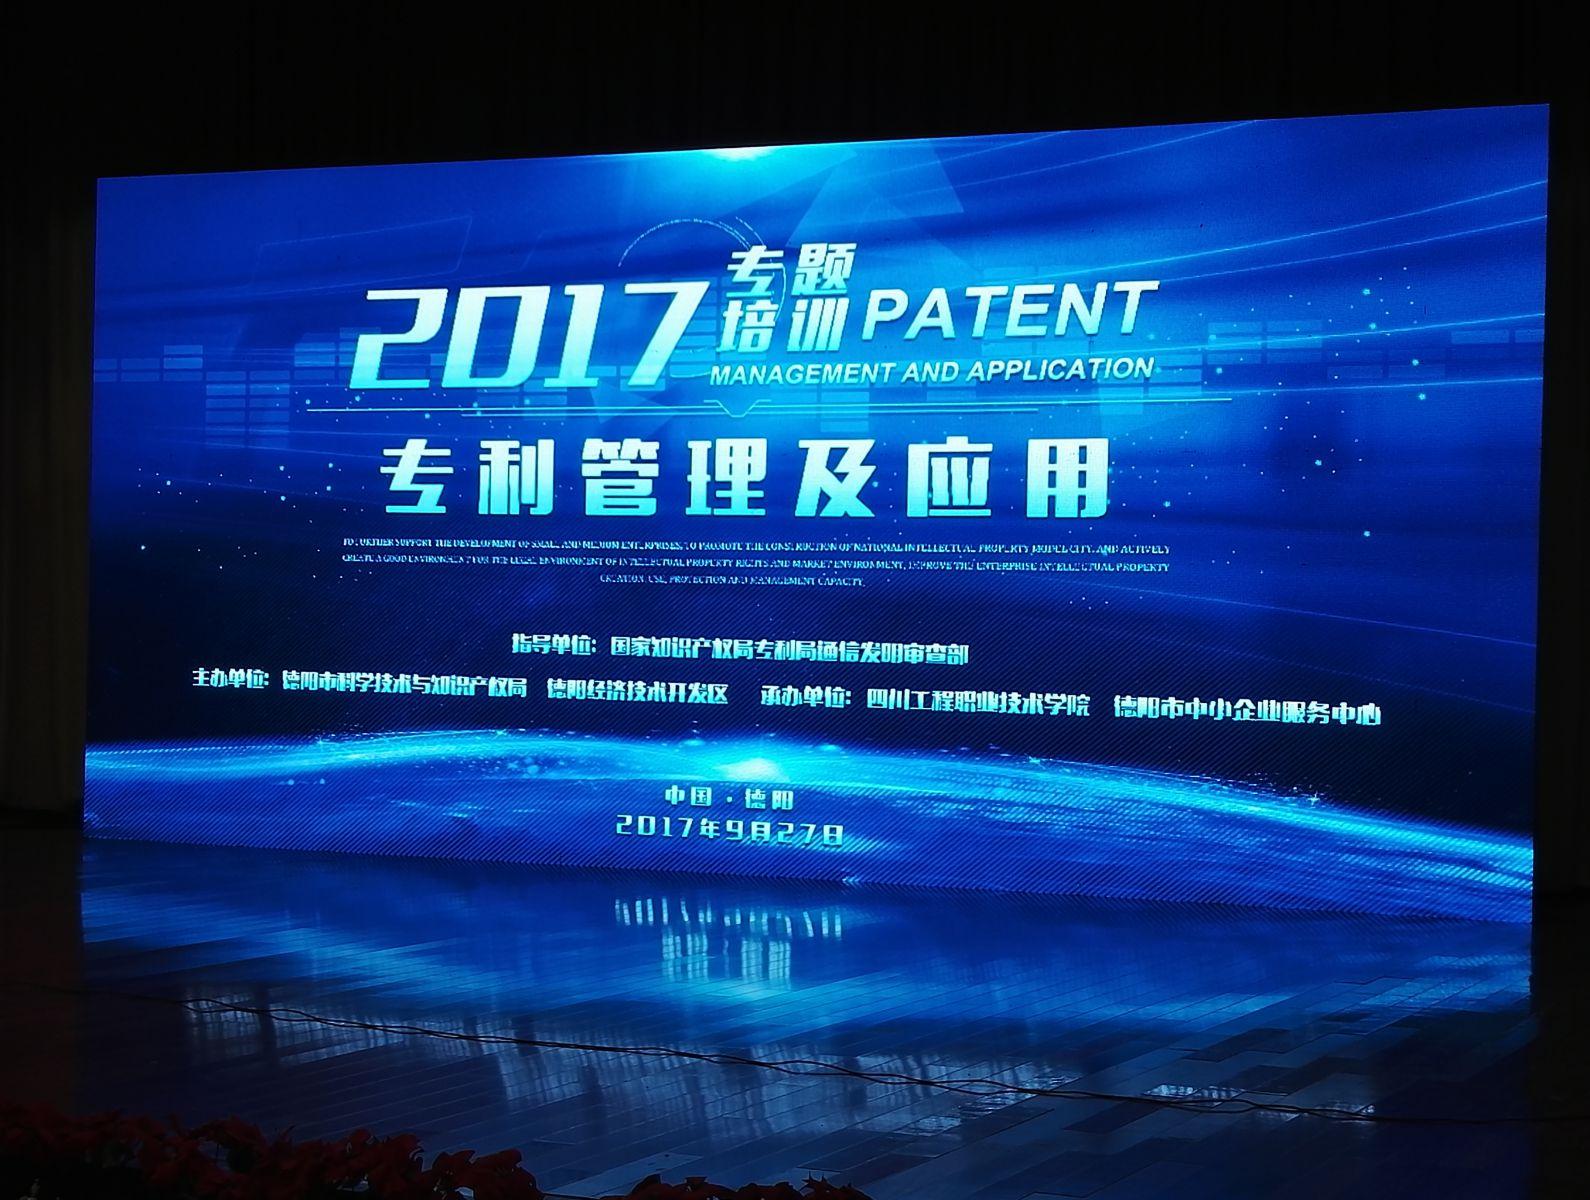 """德阳市""""企业专利管理及应用""""培训会今日举办"""